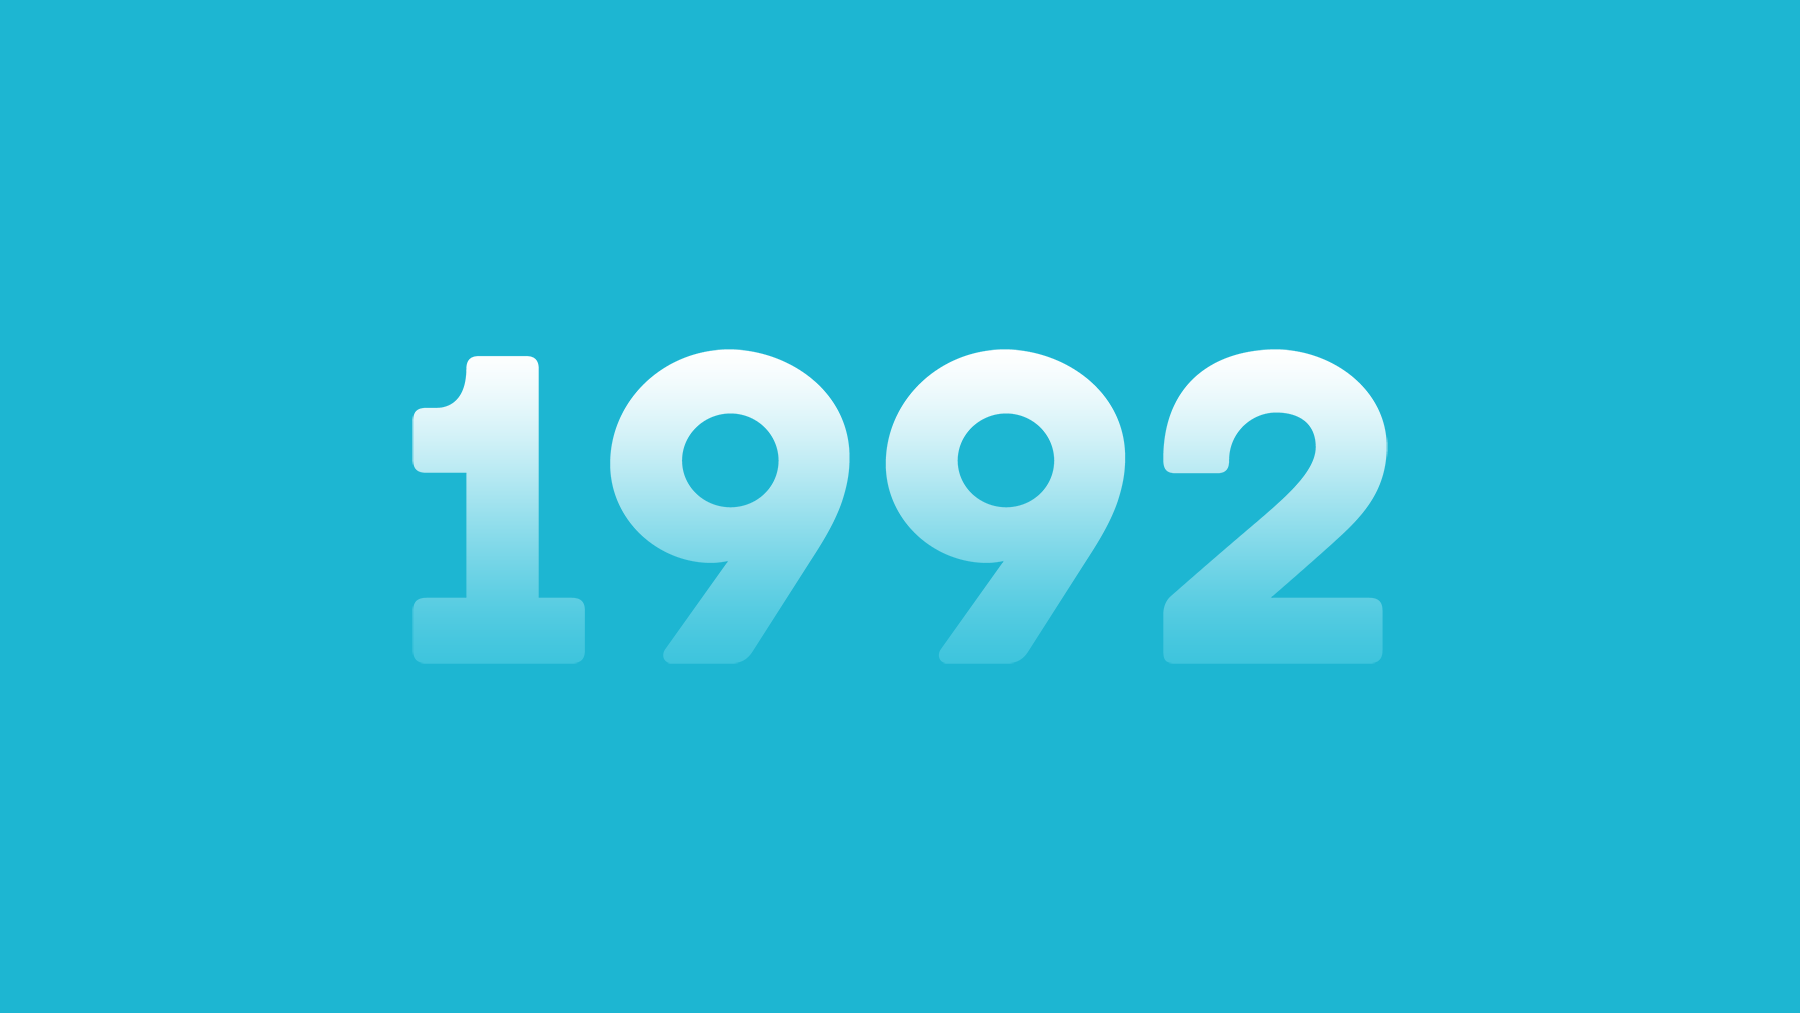 Mashup: Die besten Songs des Jahres 1992 im 3½-Minuten-Mix